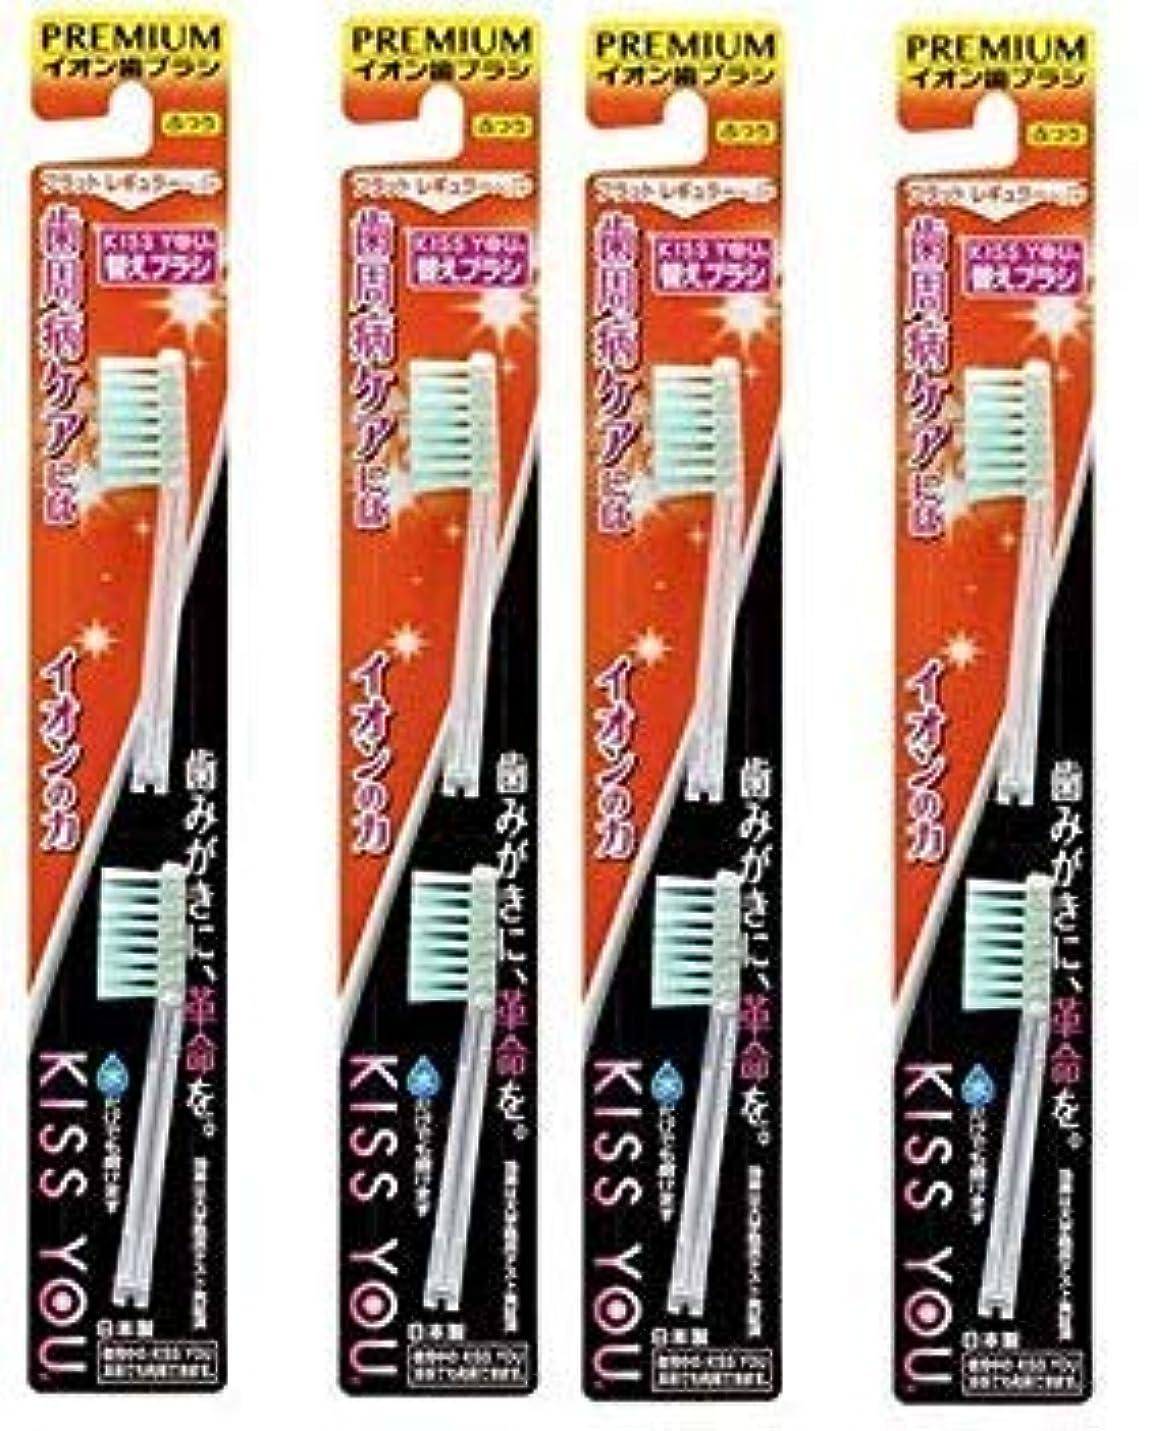 遺棄された予防接種フリルフクバデンタル イオン歯ブラシ KISS YOU(キスユー)替えブラシ フラットレギュラー ふつう 8本(2本入4セット)